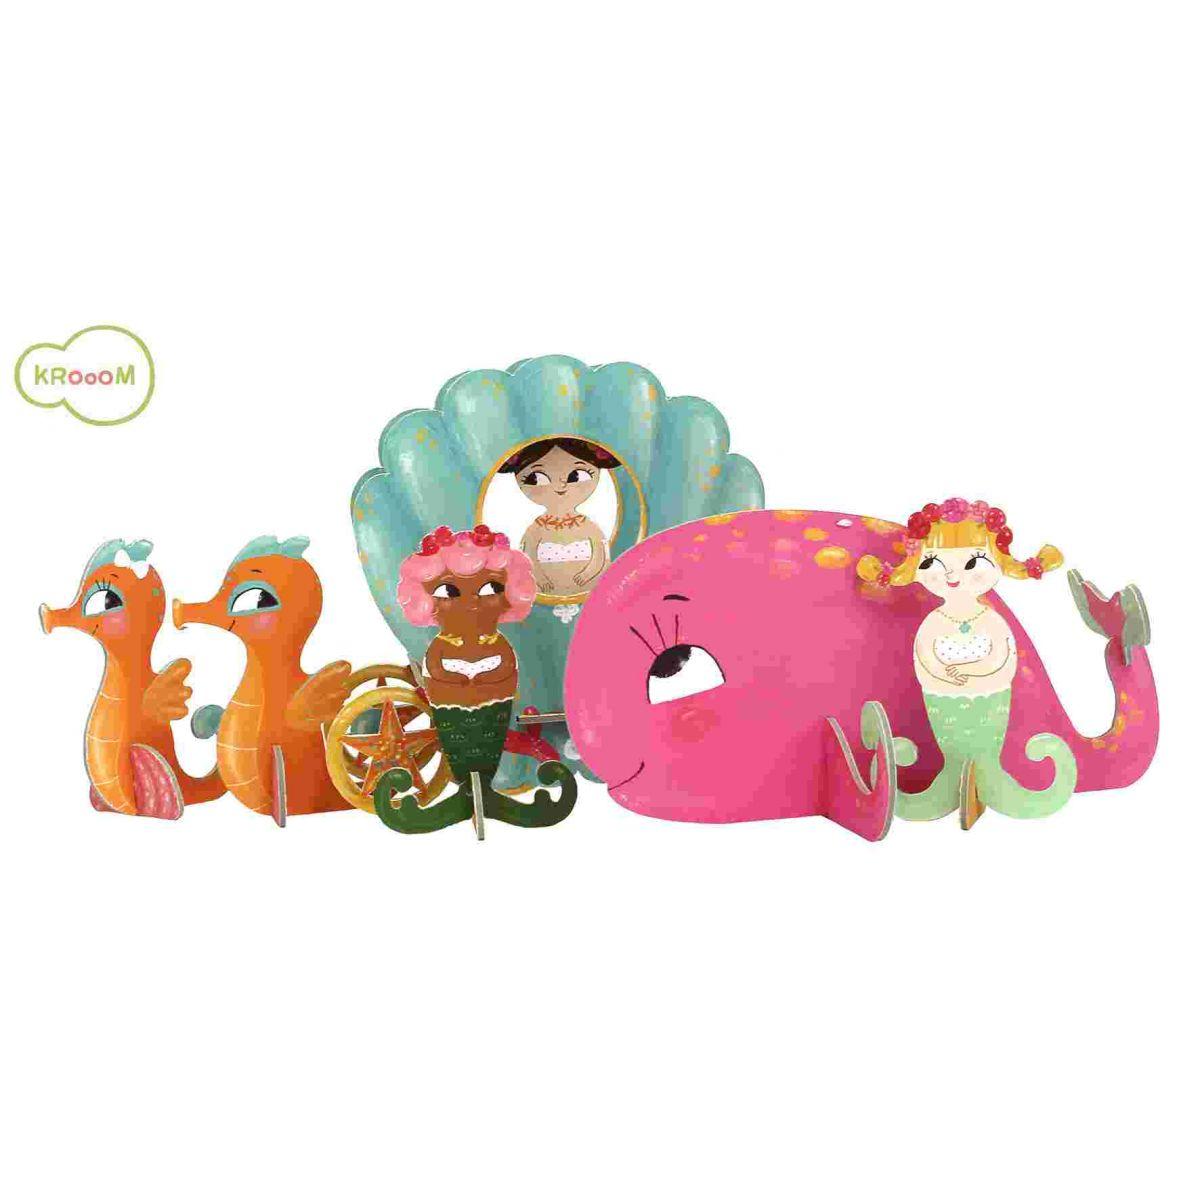 Quebra-Cabeças 3D na Maletinha Krooom - Sereias